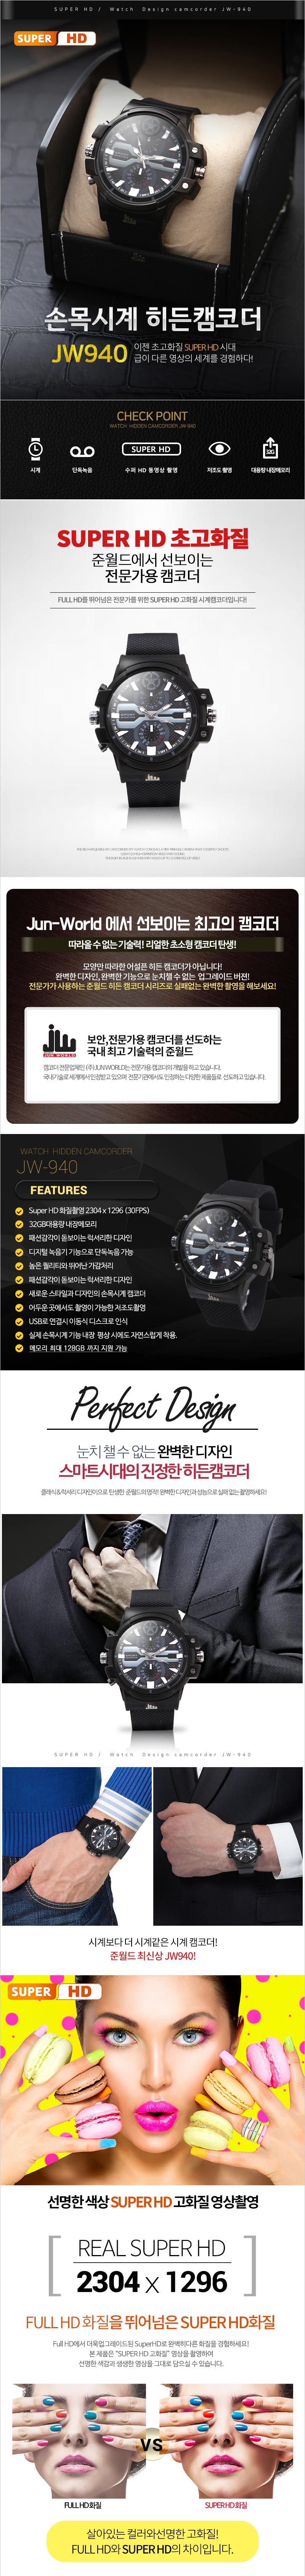 jw940-01.jpg